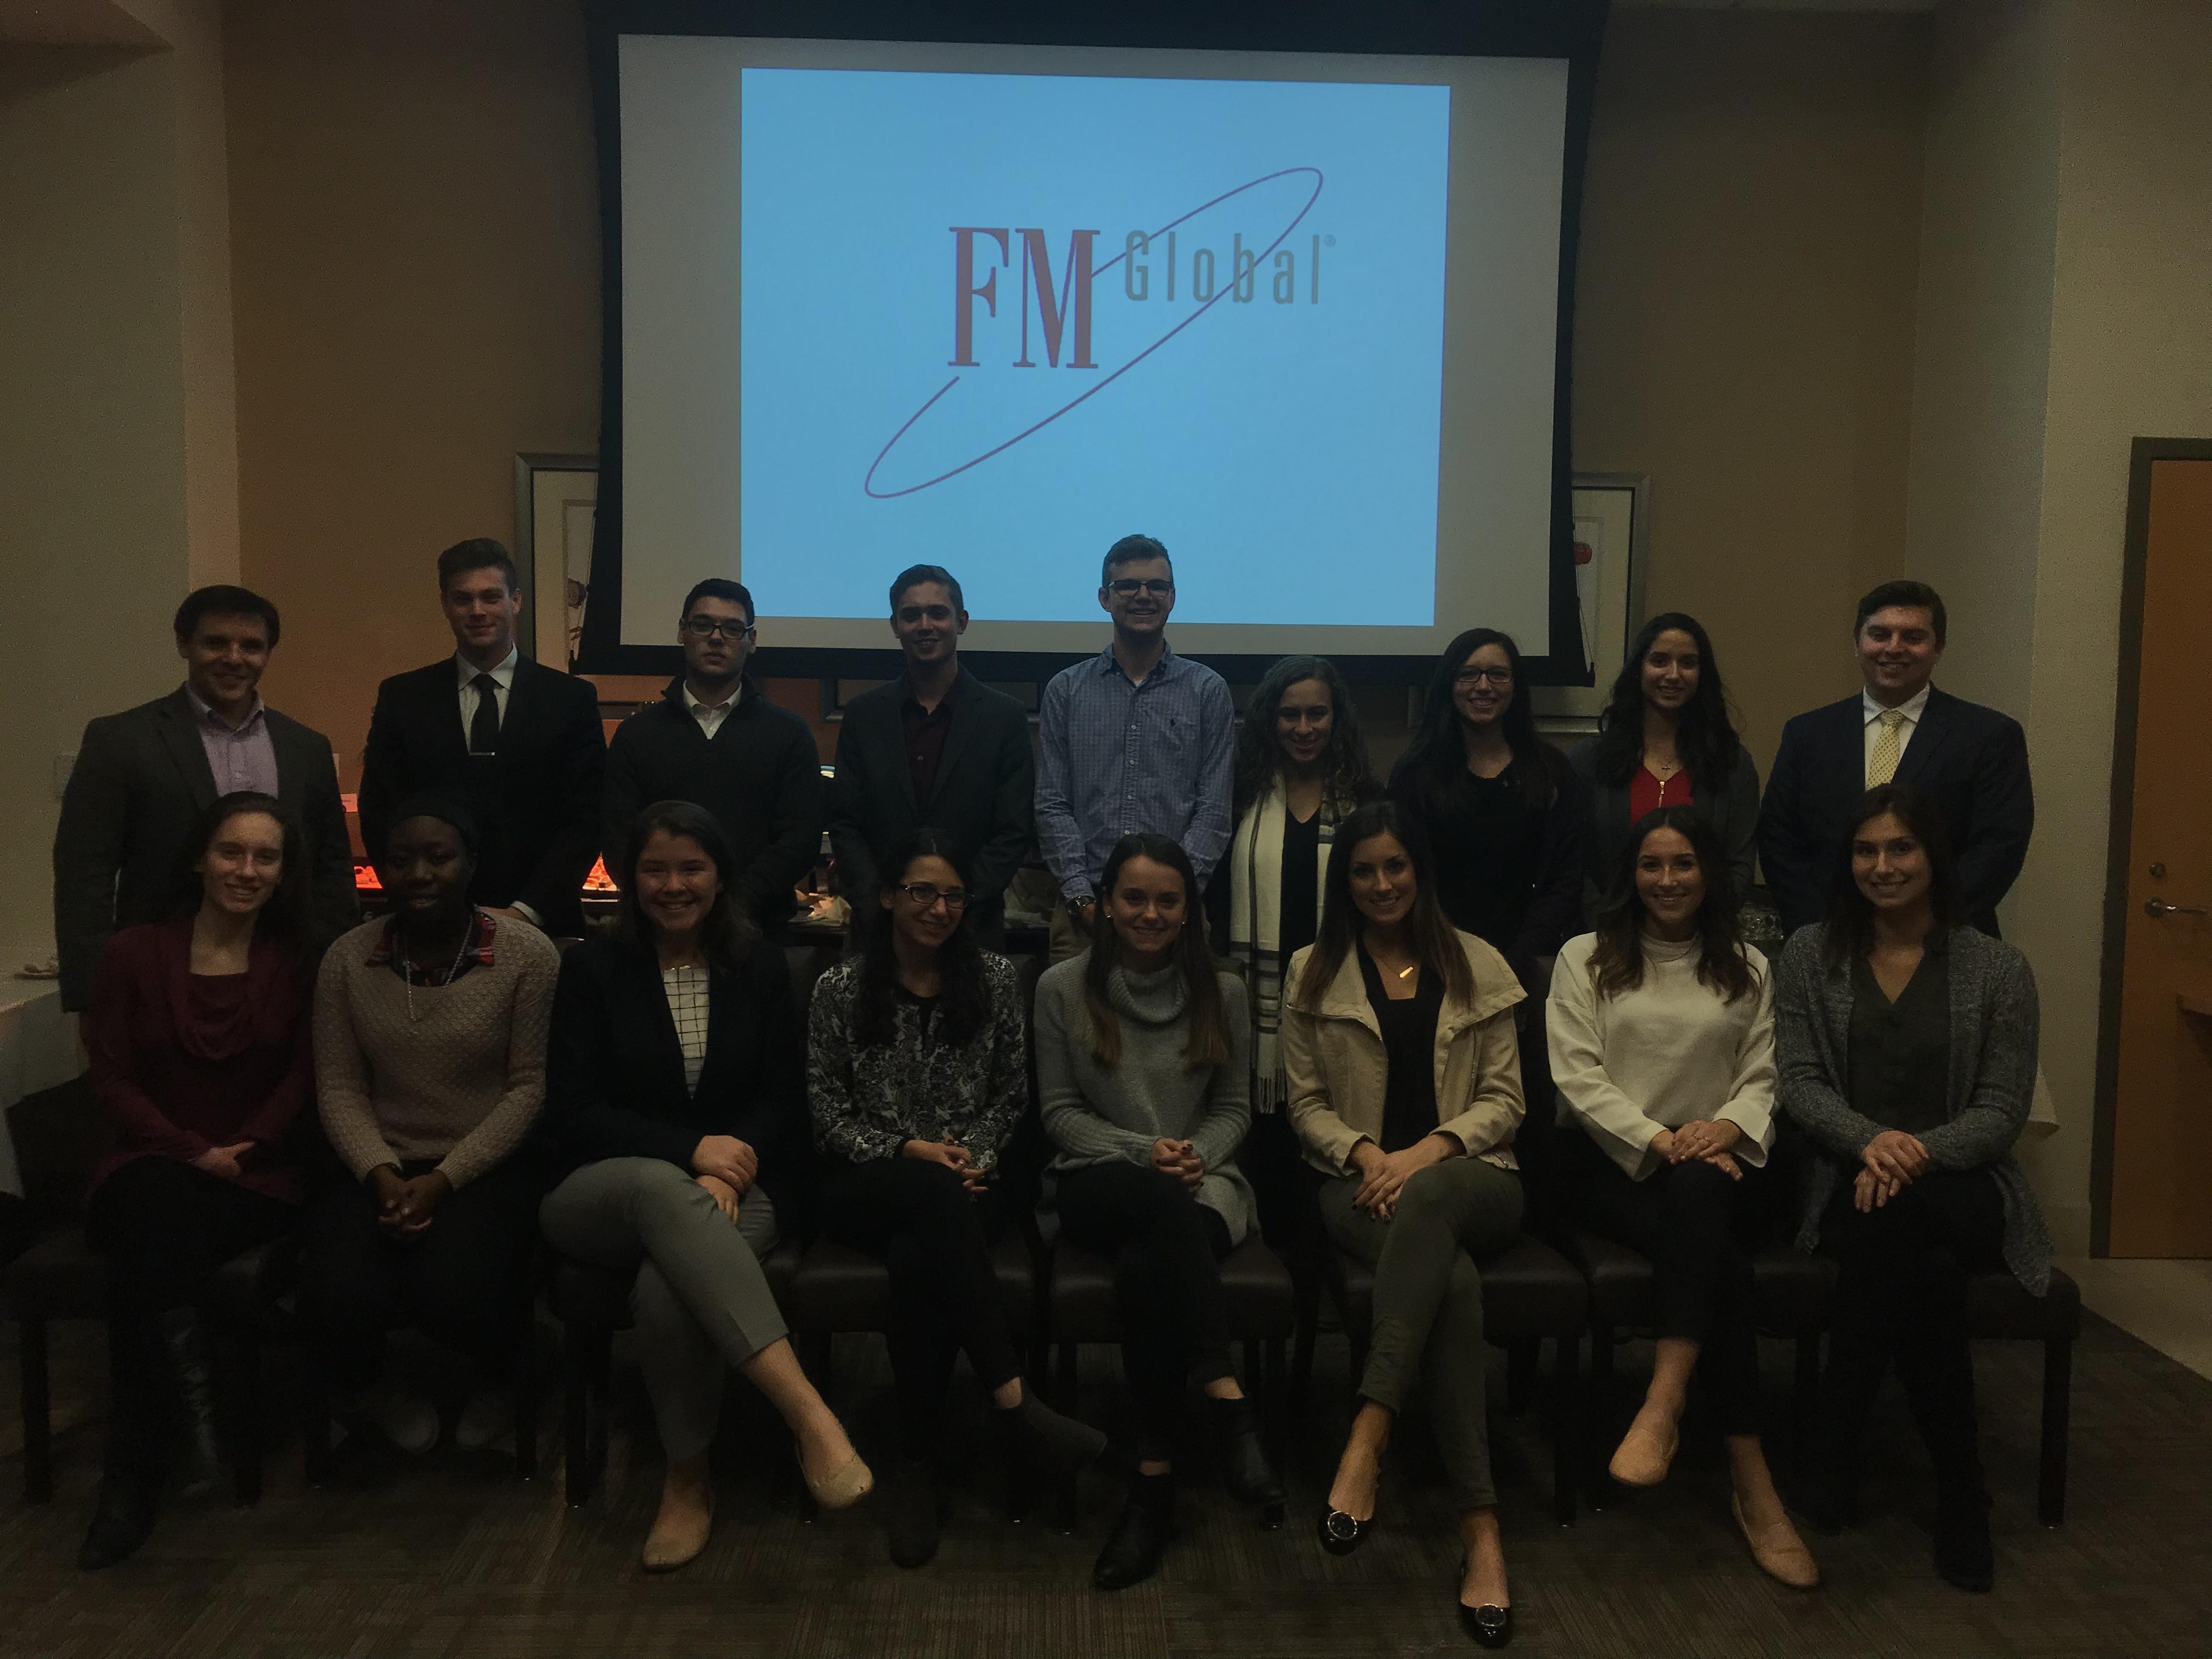 FM Global field trip